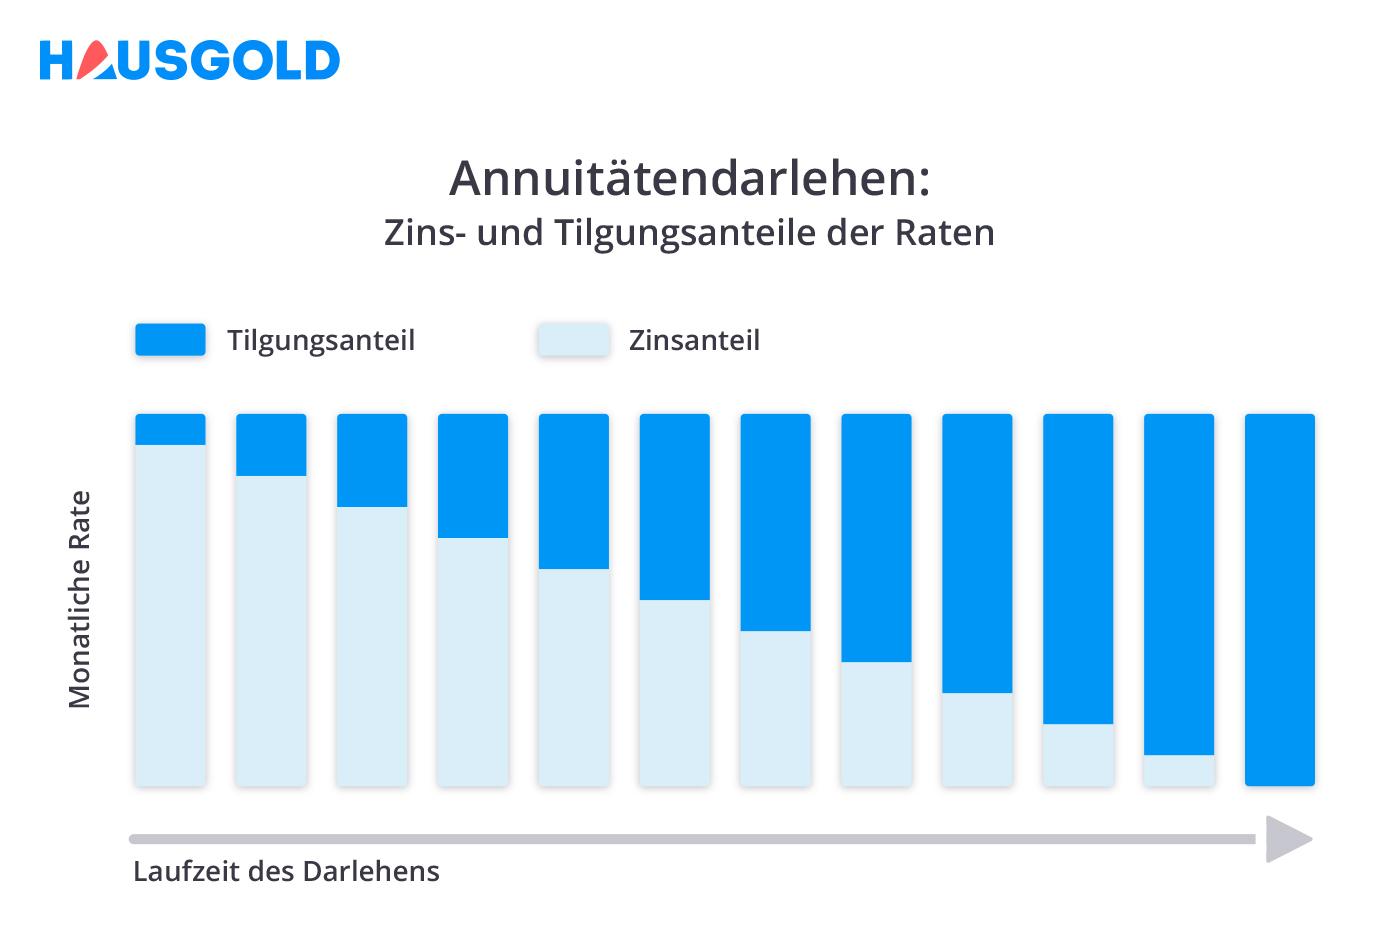 Annuitätendarlehen Ratenaufteilung Bild